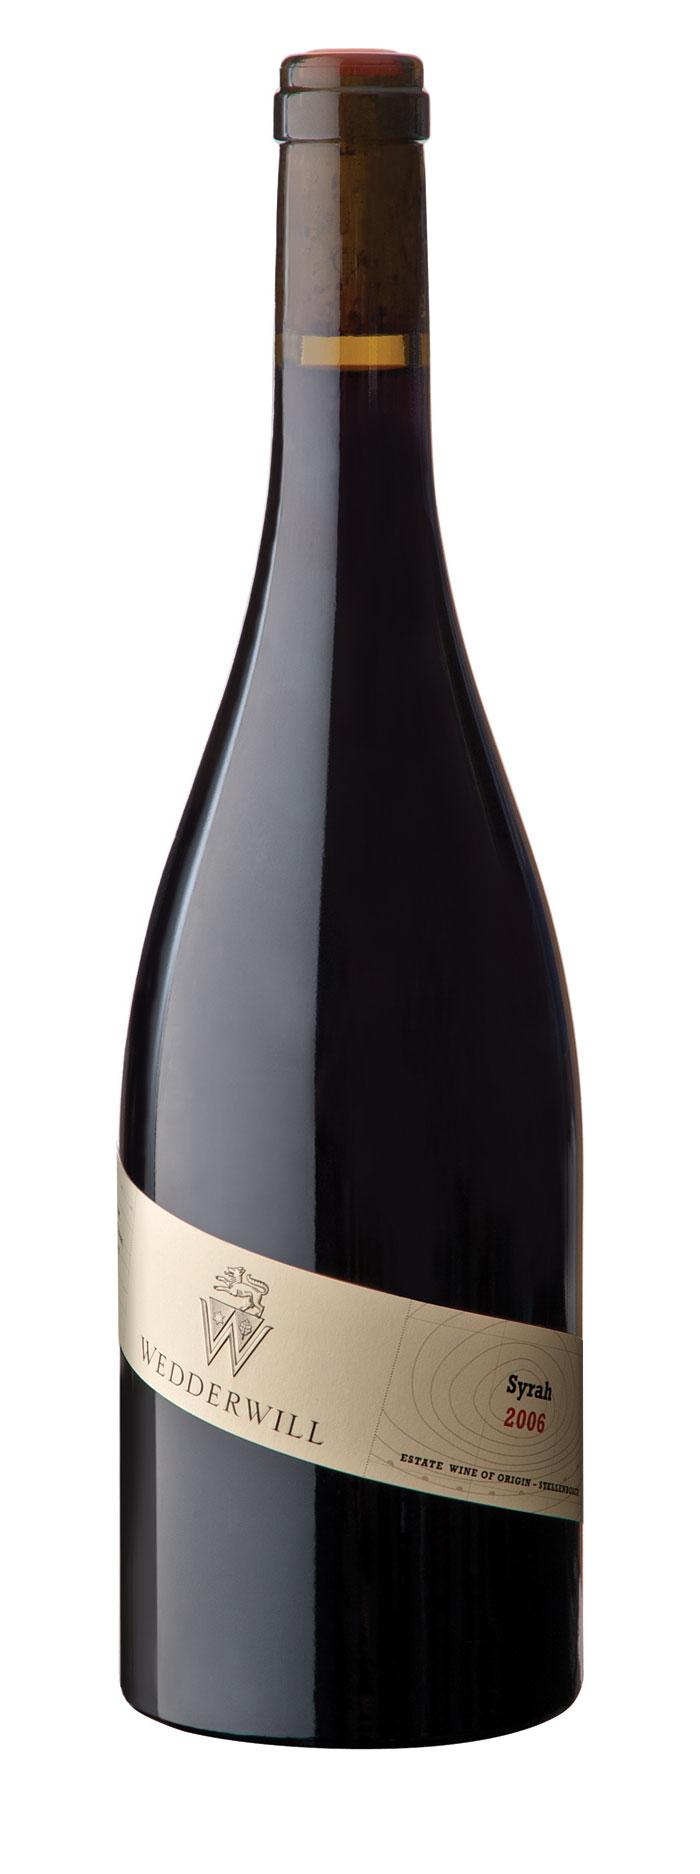 03 07 12 wine7